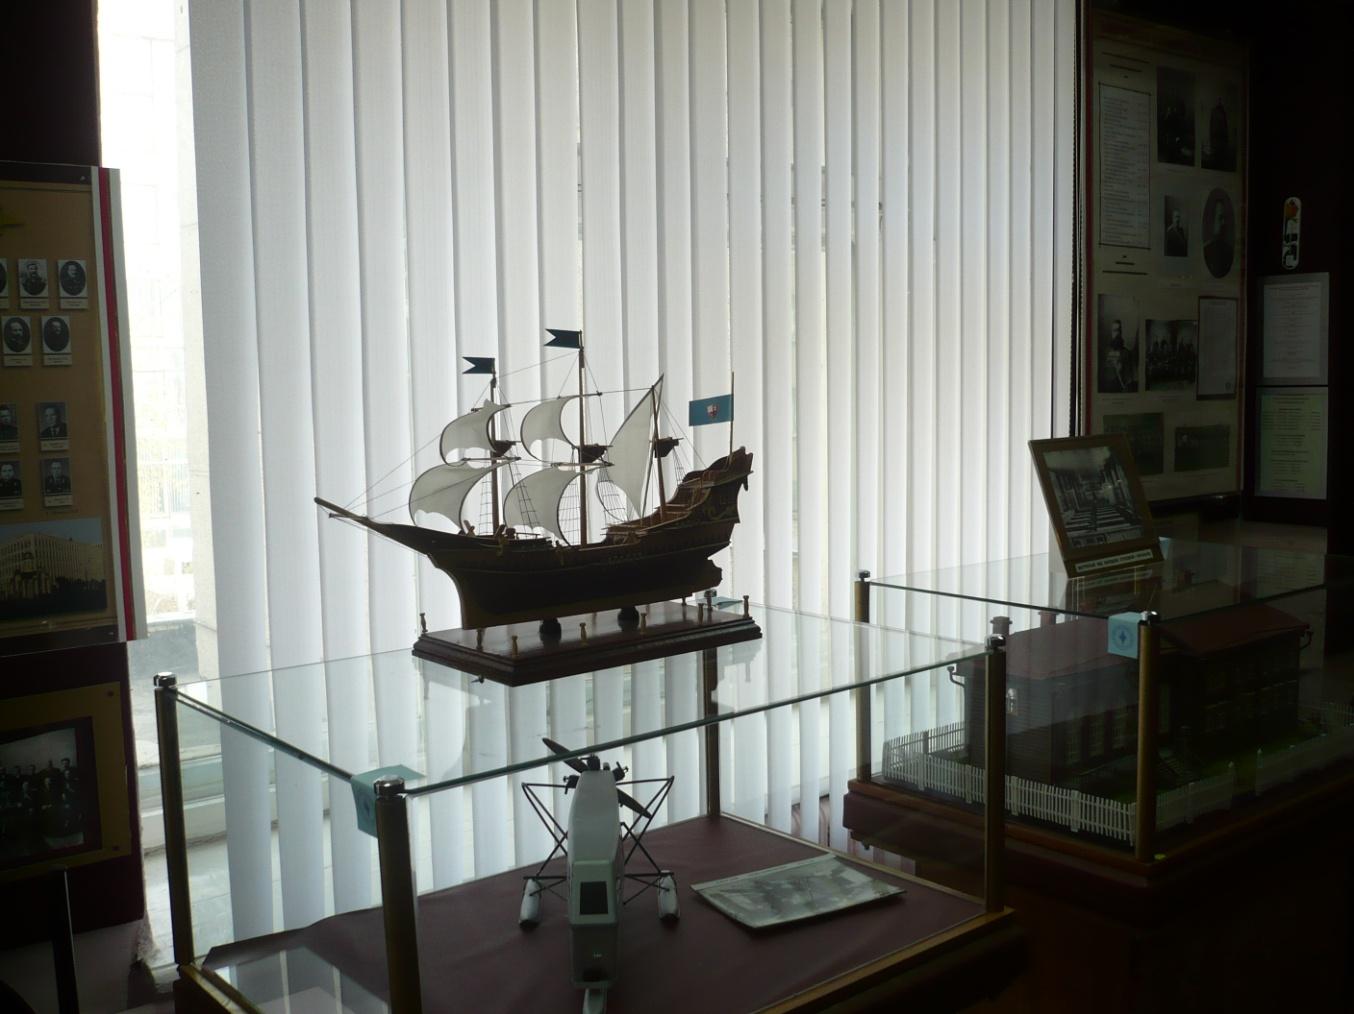 I:\Архив\разное рабочий стол\разное\Т.А\экскурсия в музей ГУВД\Первый русский корабль Орёл.JPG